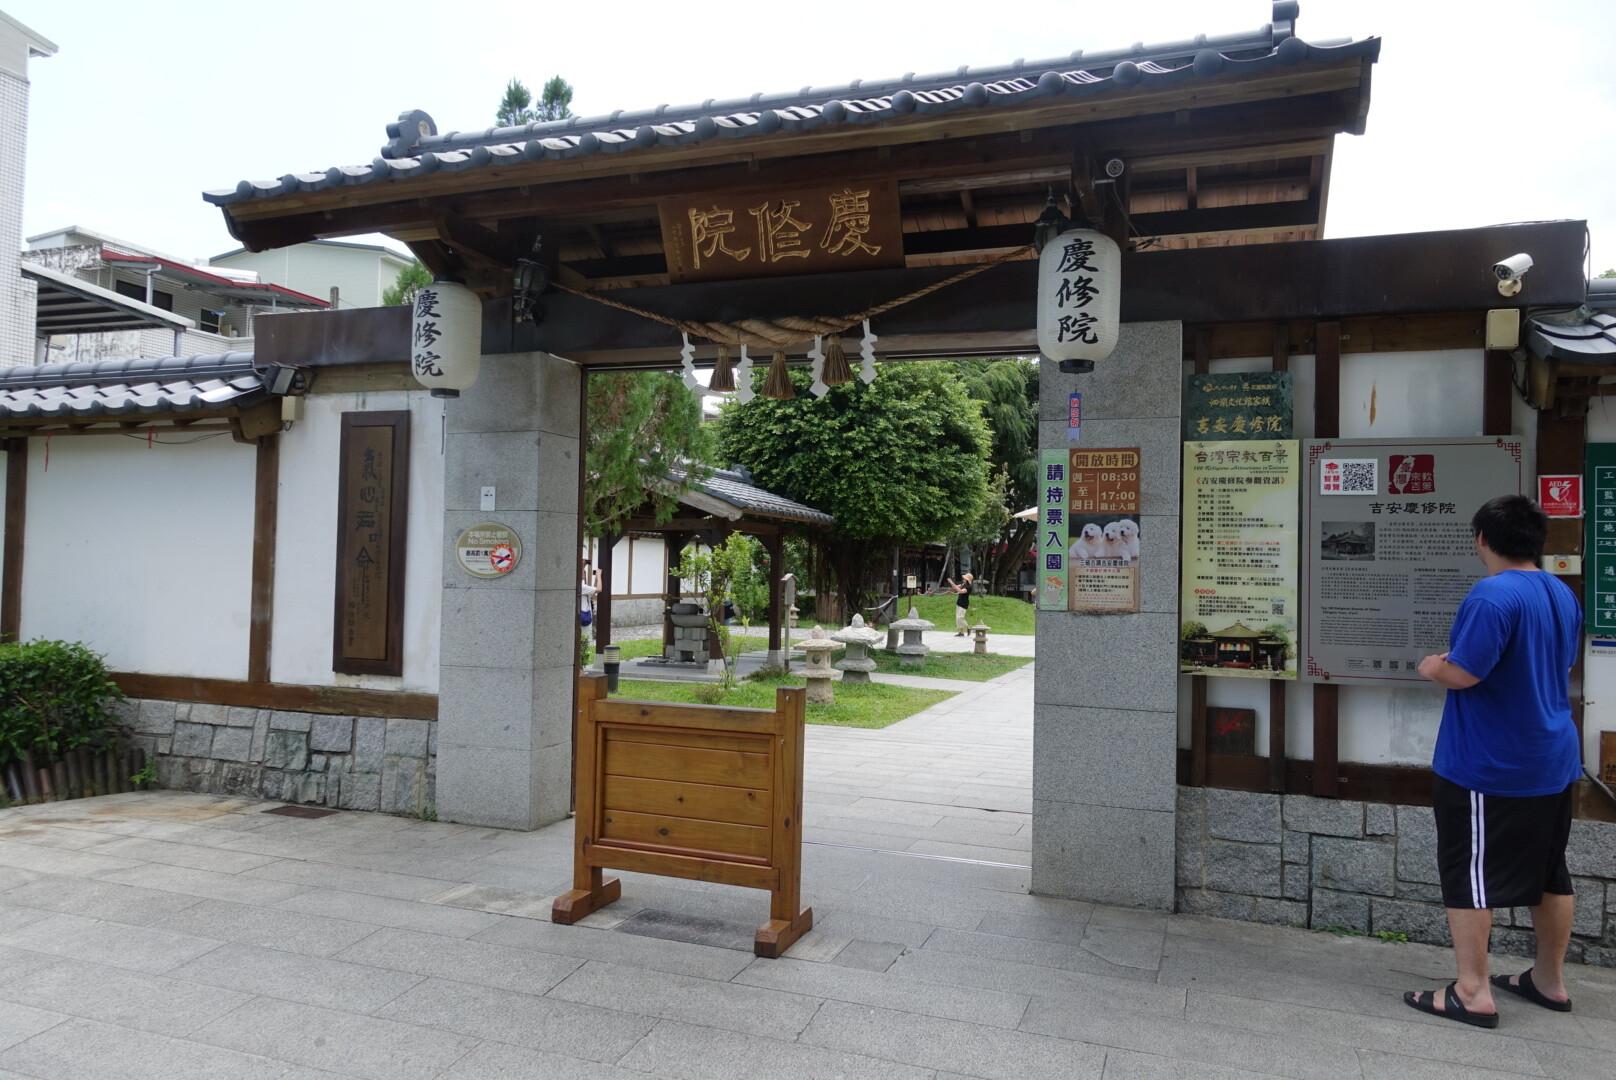 【花蓮景點】吉安慶修院 花蓮必訪的三級古蹟,身著和服來體驗日本風情